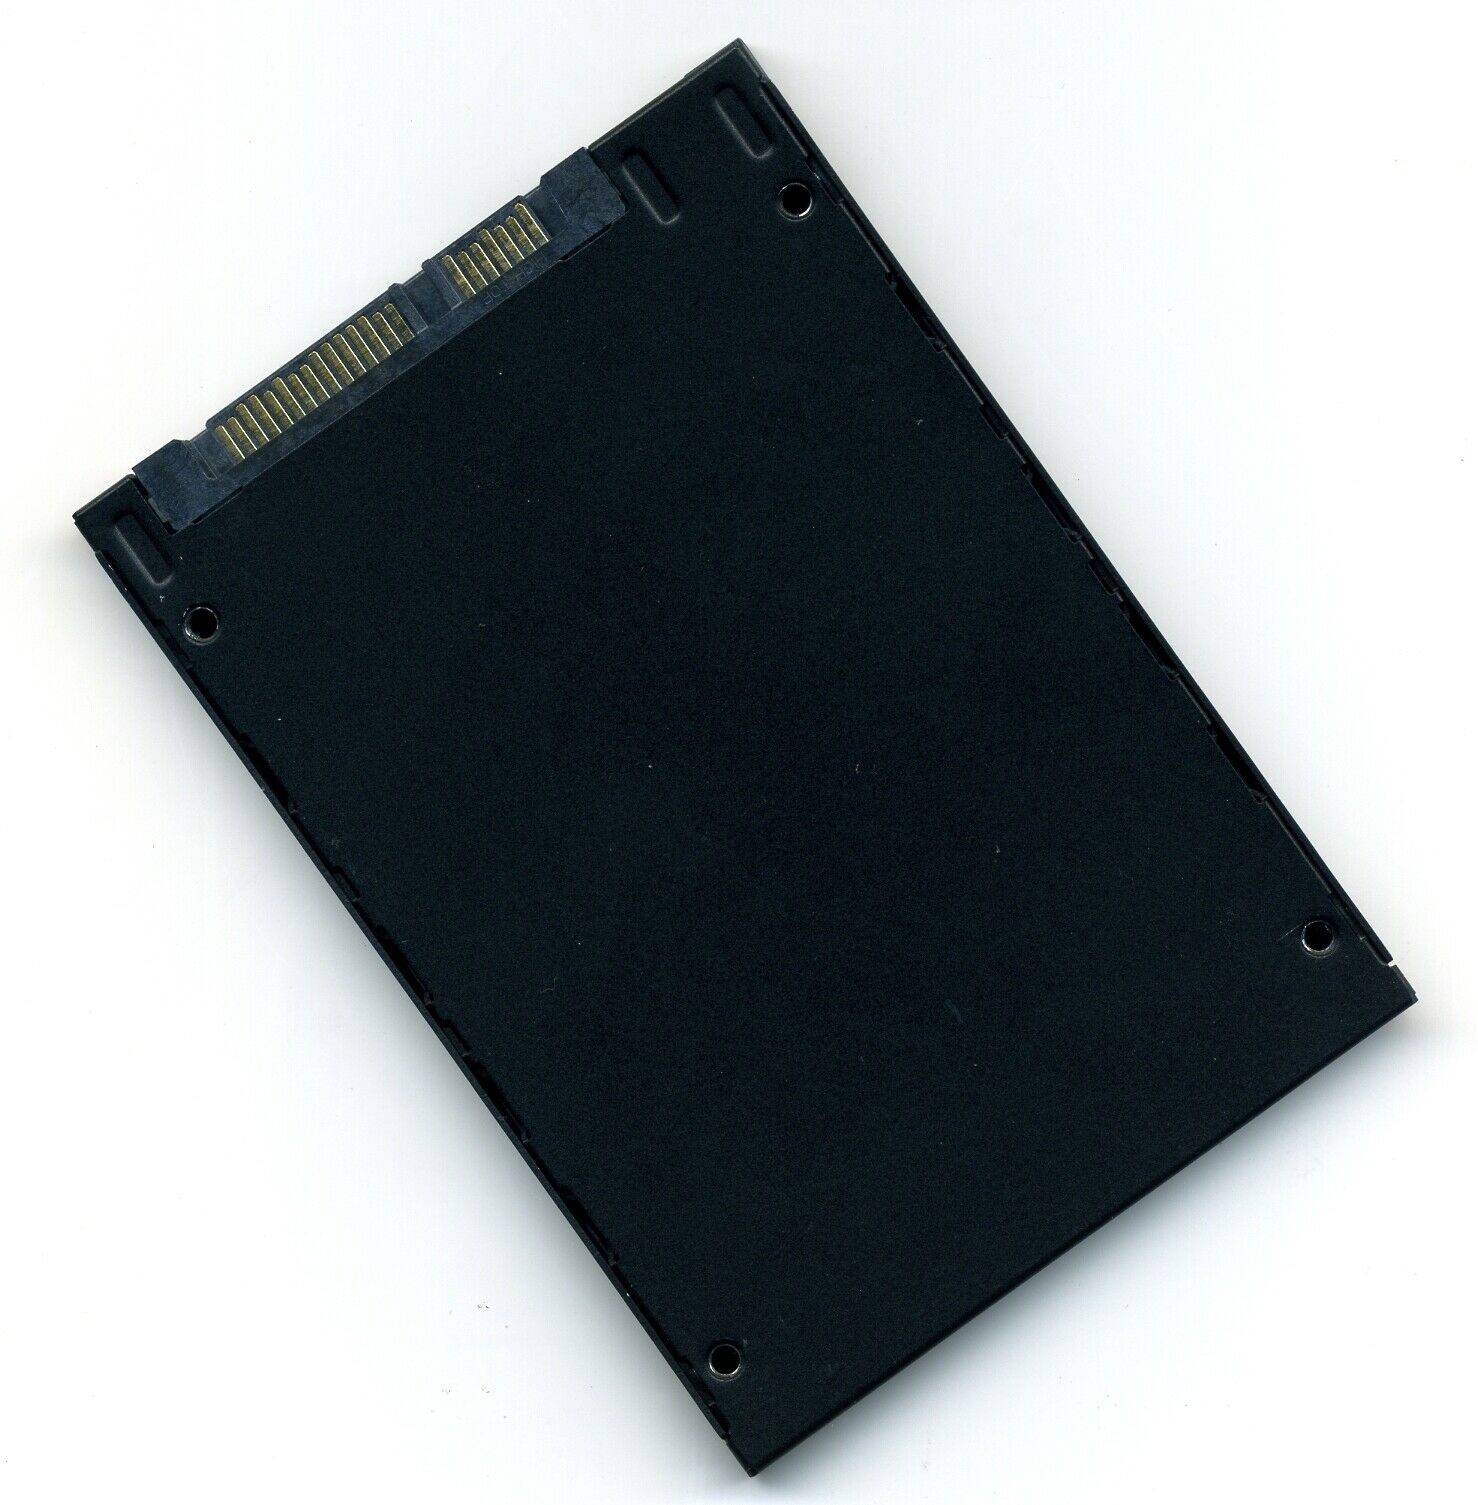 SSD 480GB SATA III 6G/s 2.5